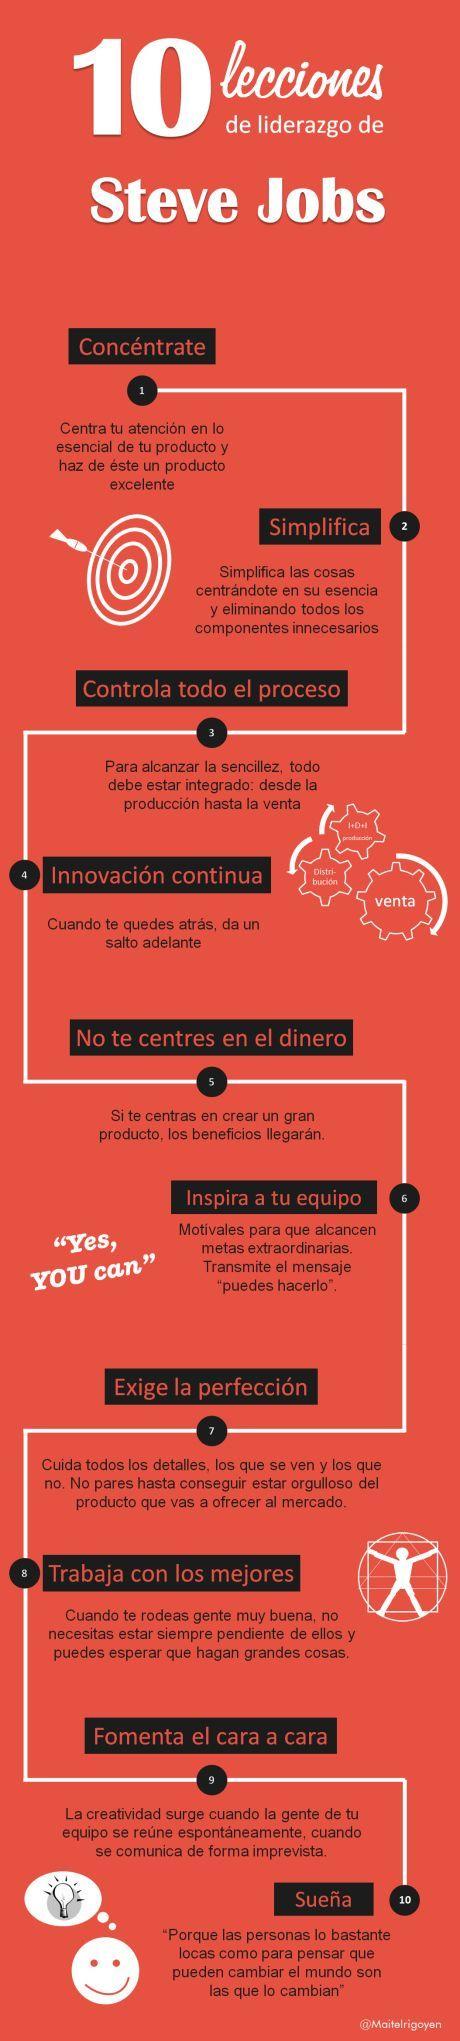 #Infografía #Emprendimiento 10 lecciones de liderazgo de Steve Jobs